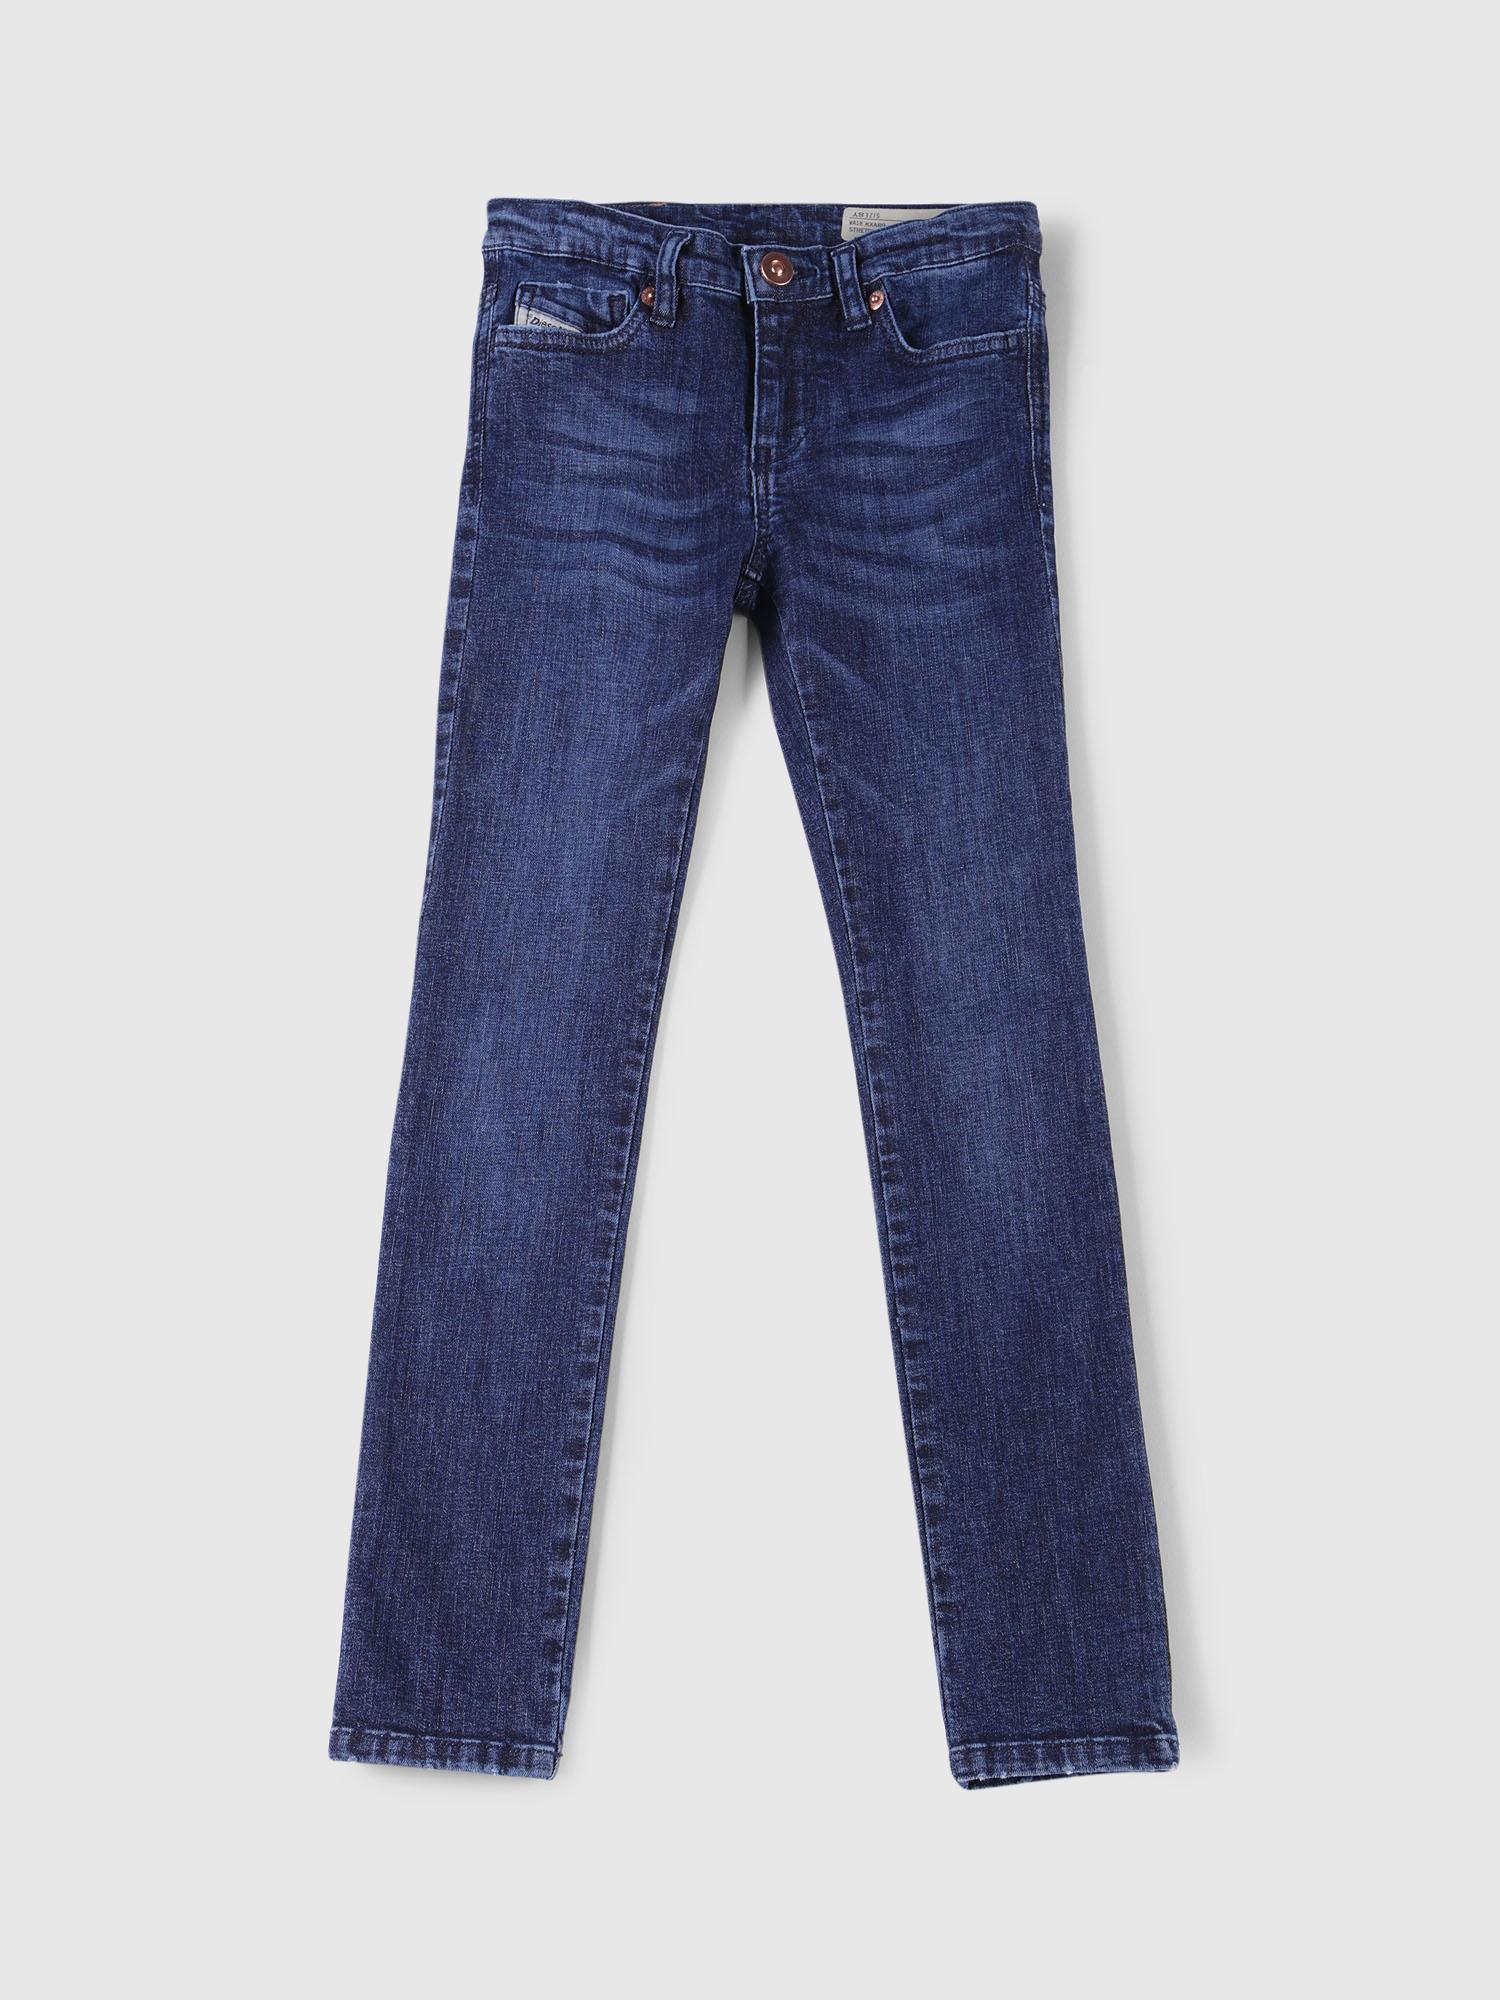 Diesel Jeans KXA89 - Blue - 14Y